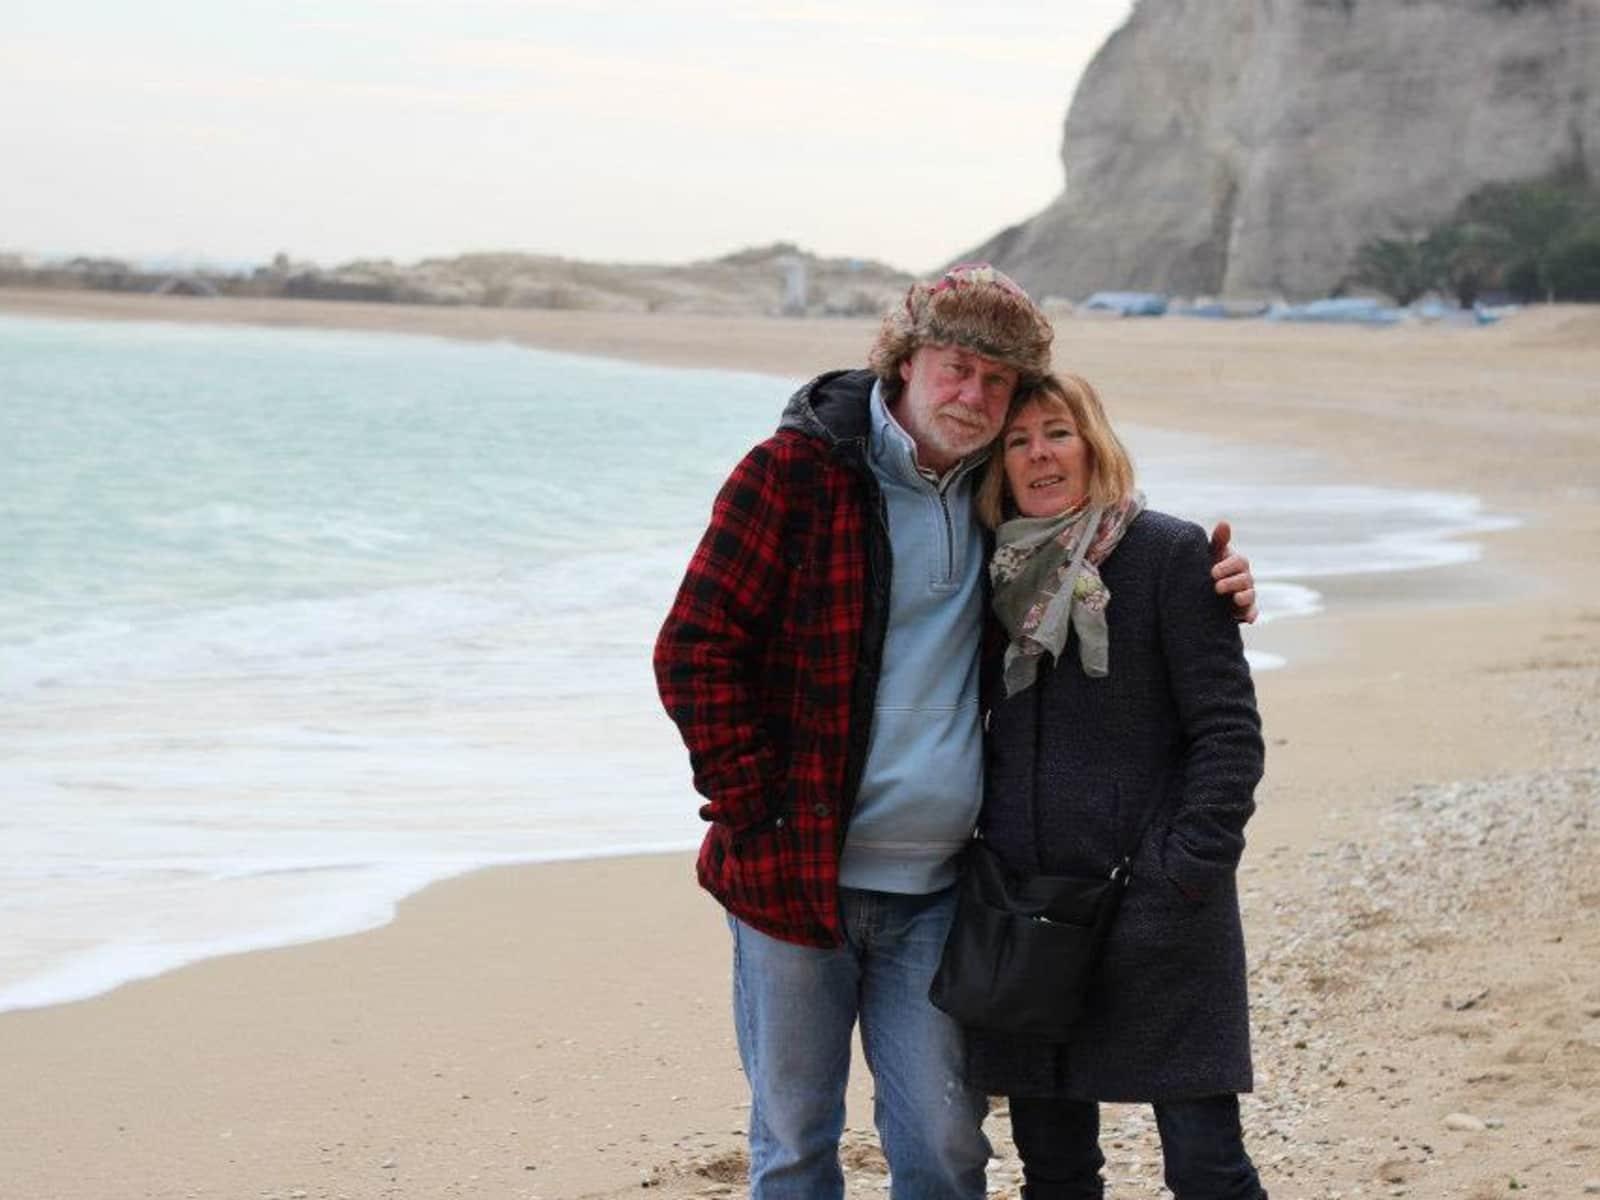 Lesley & Tony from Cupramontana, Italy